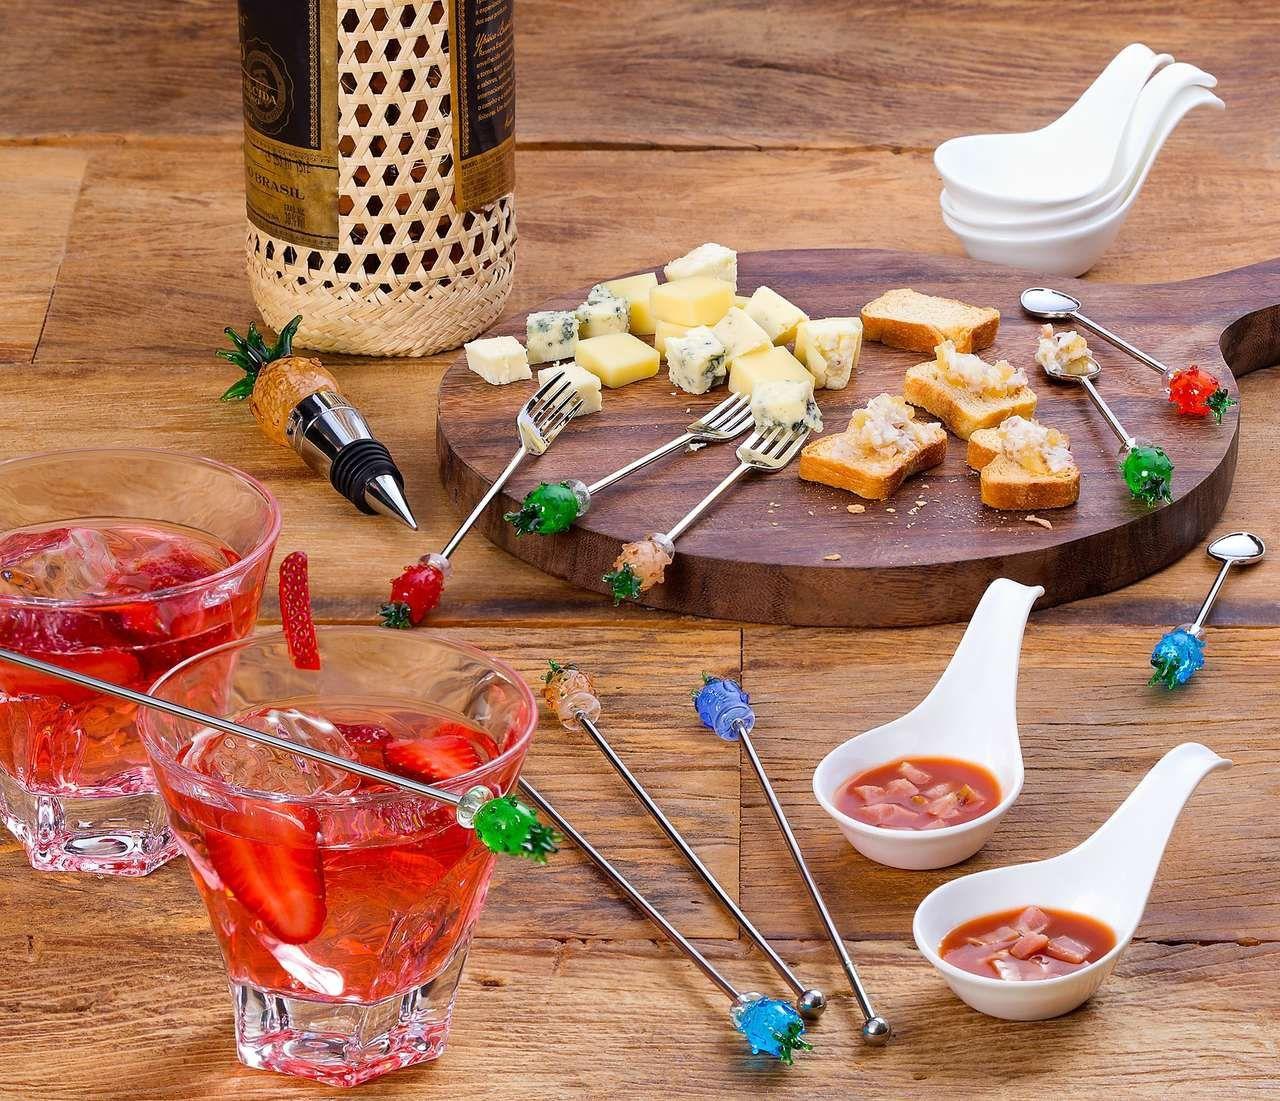 Jogo 4 peças garfo de sobremesa e bolo em zamac e acrílico Abacaxi Bon Gourmet - 25702